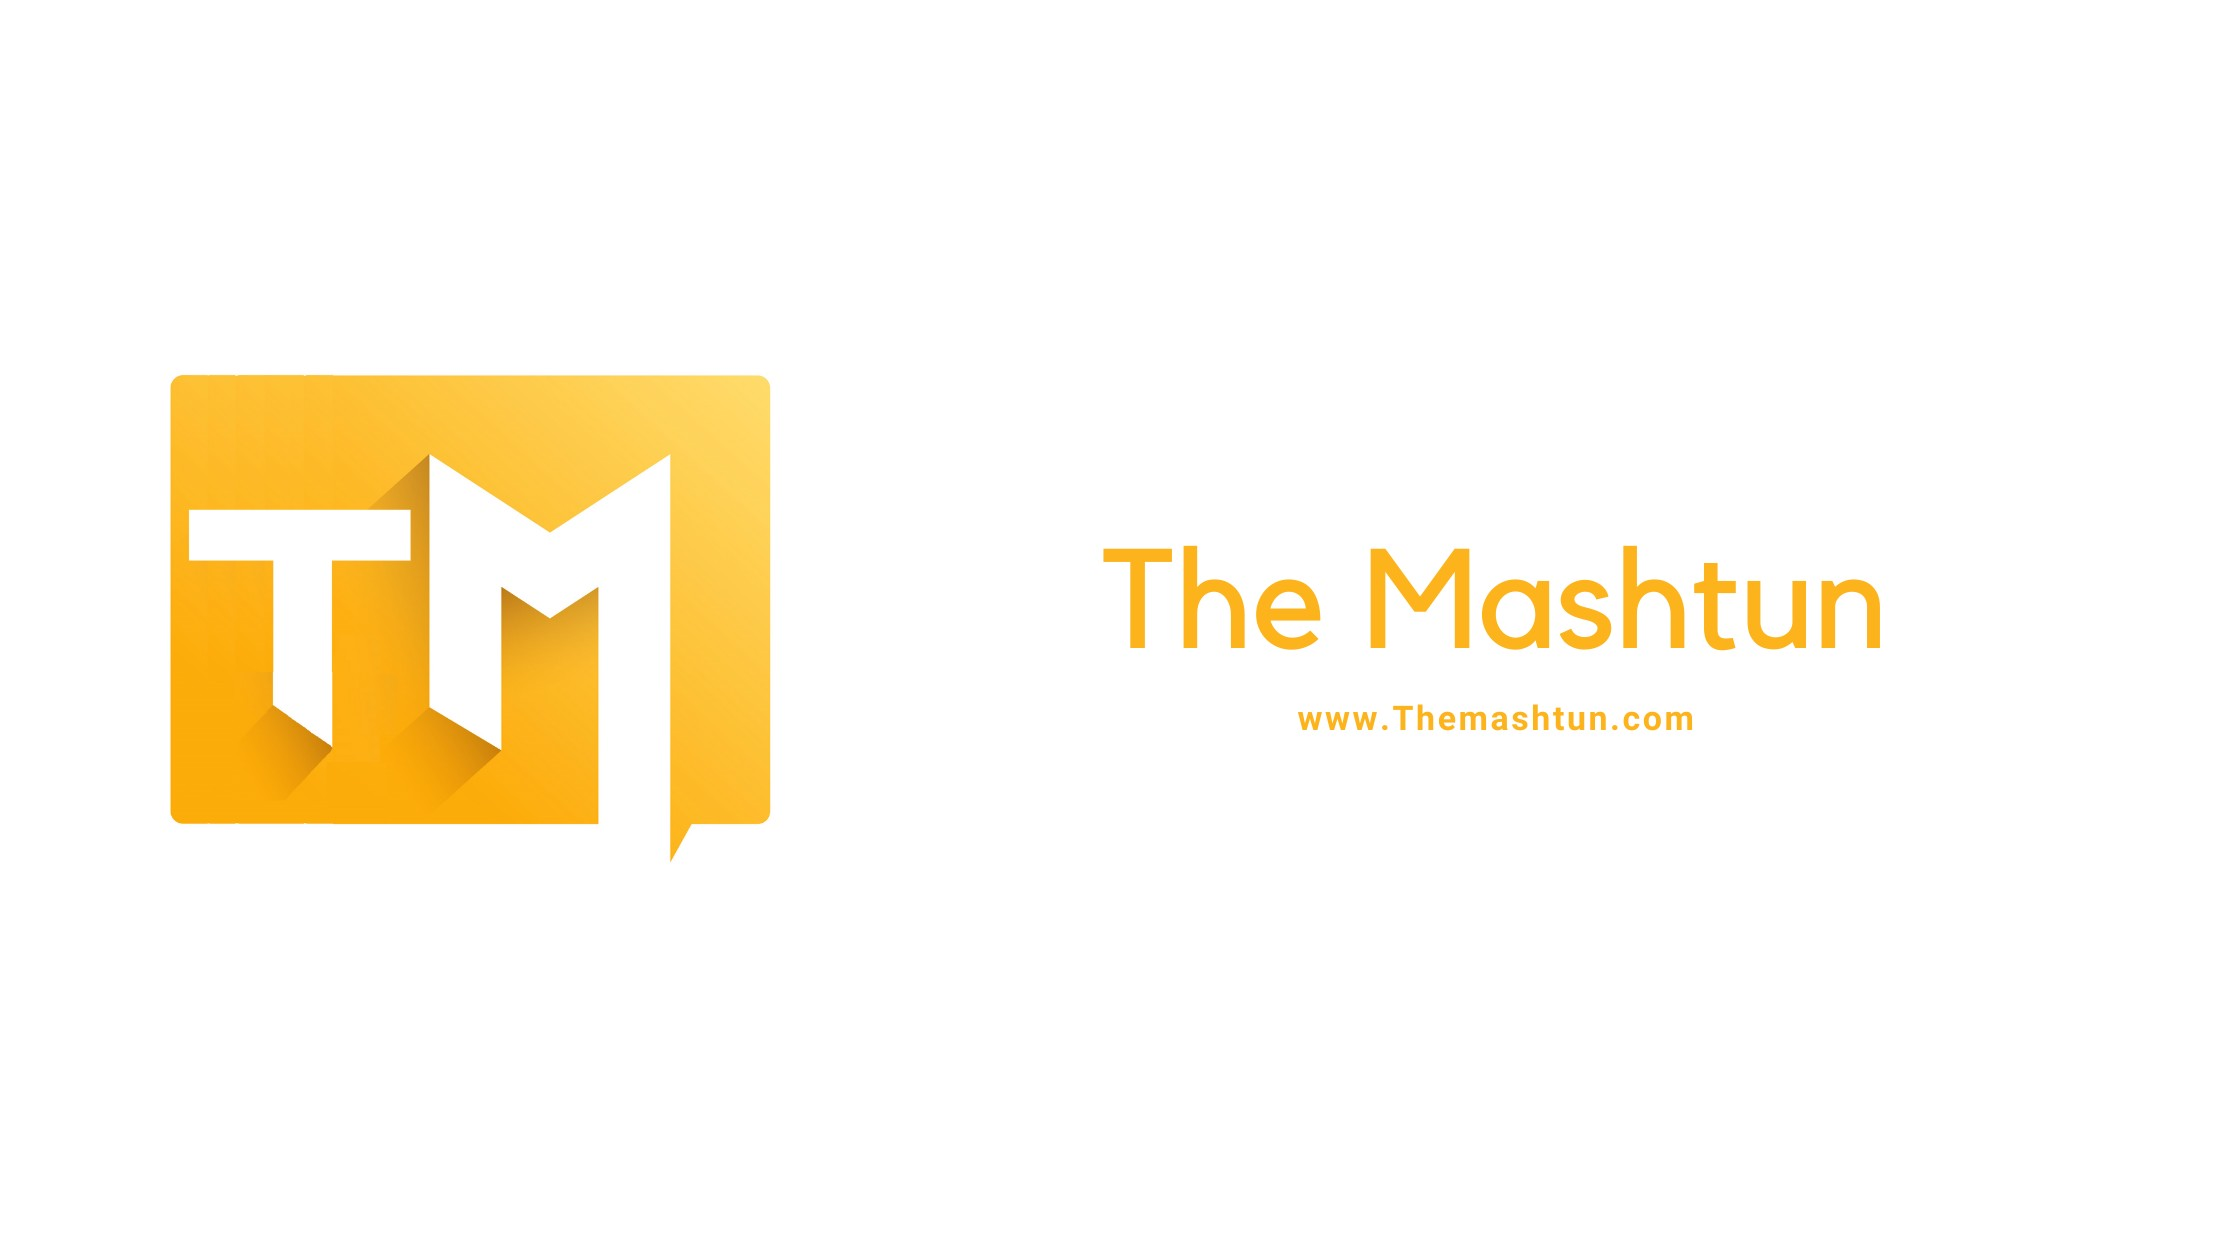 THE MASHTUN